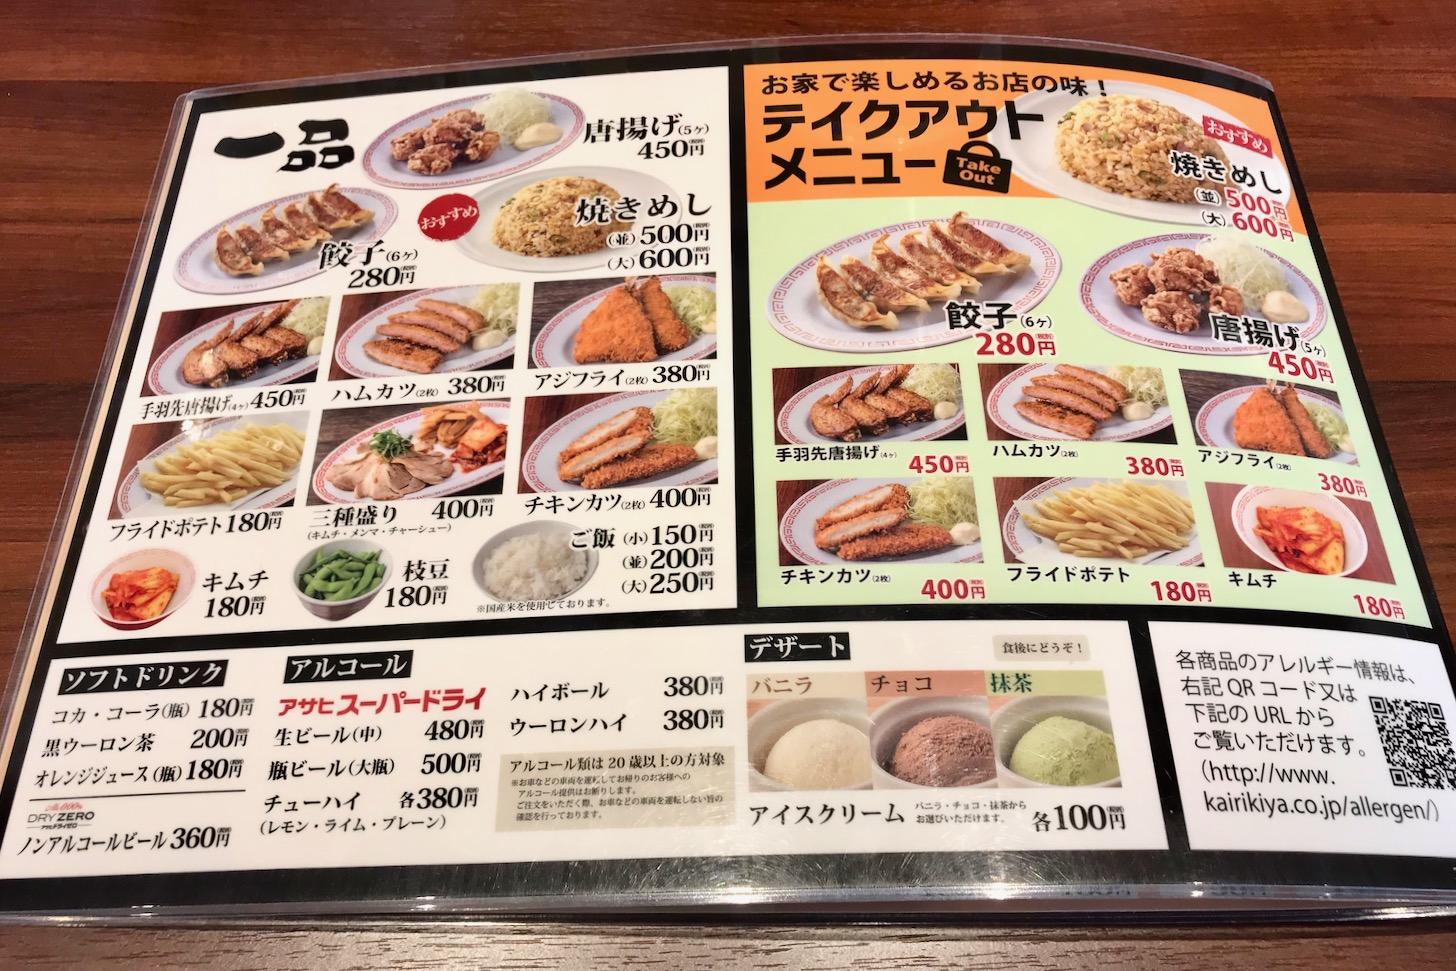 京都北白川ラーメン魁力屋多摩ニュータウン通り店のメニュー